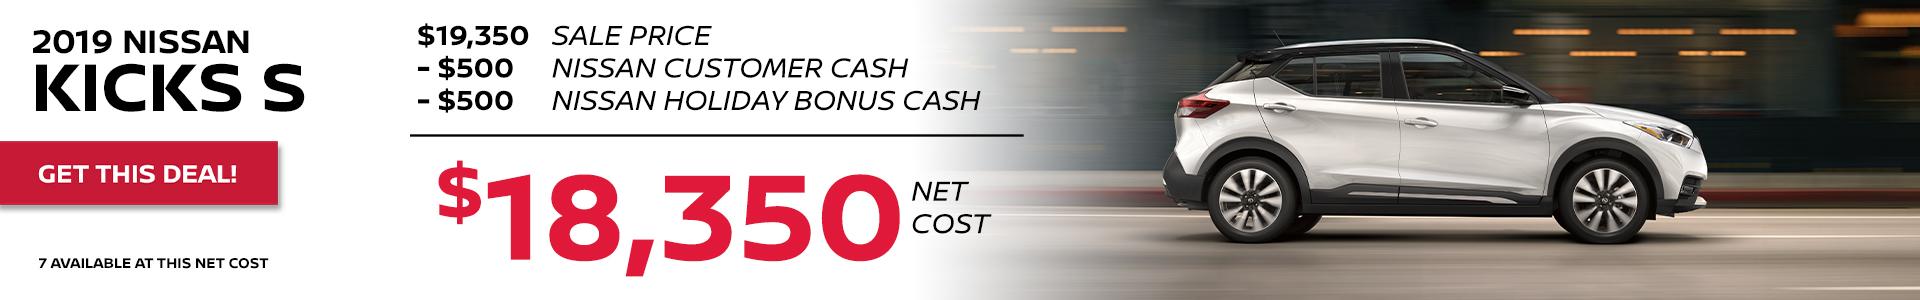 Mossy Nissan - Nissan Kicks $18,350